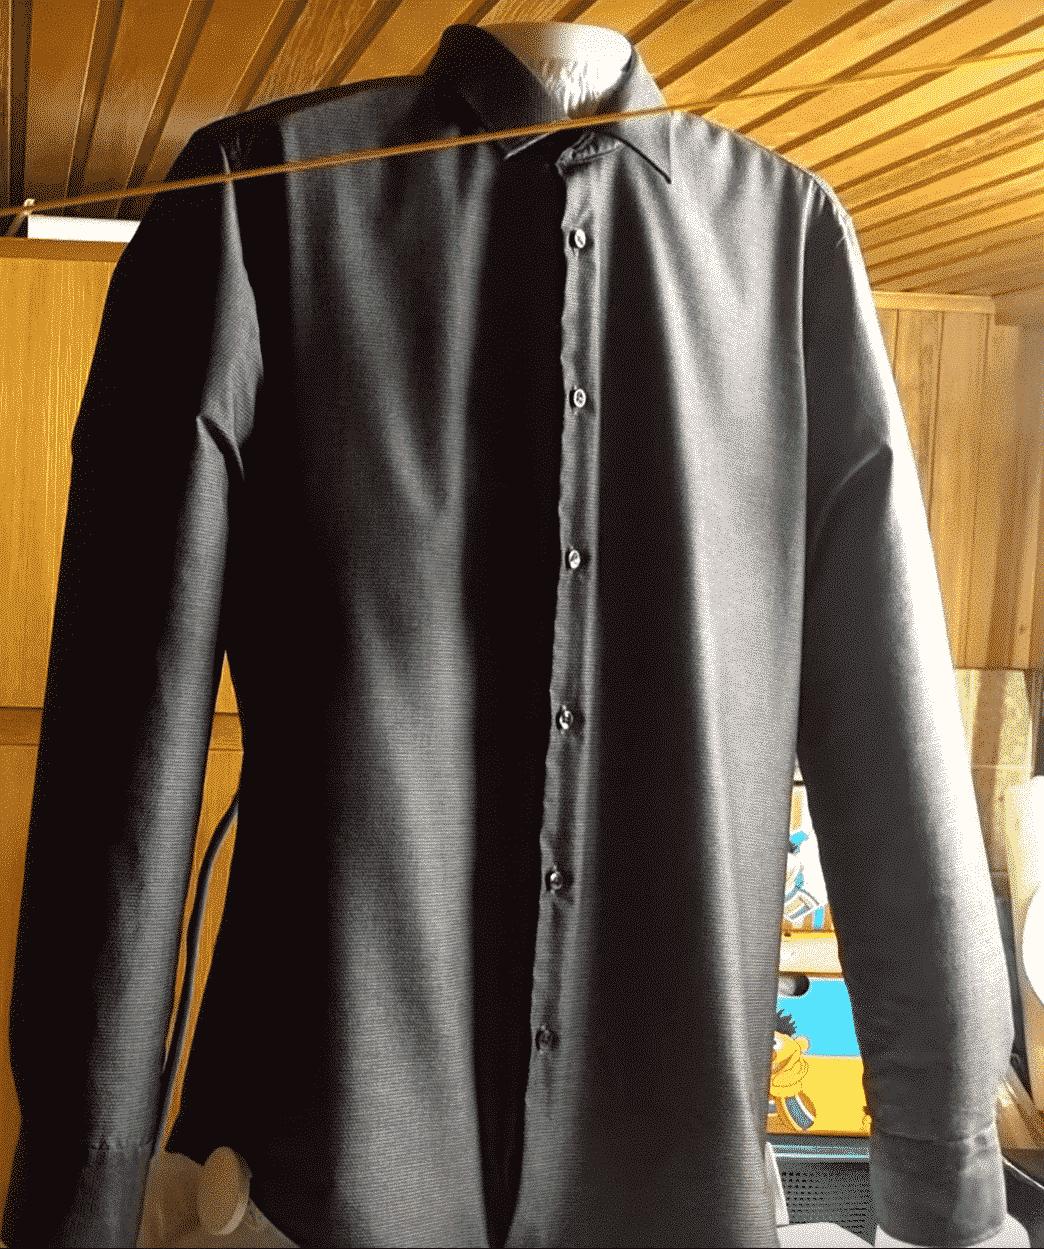 Cleanmaxx-Hemdenbügler-Test-nachher